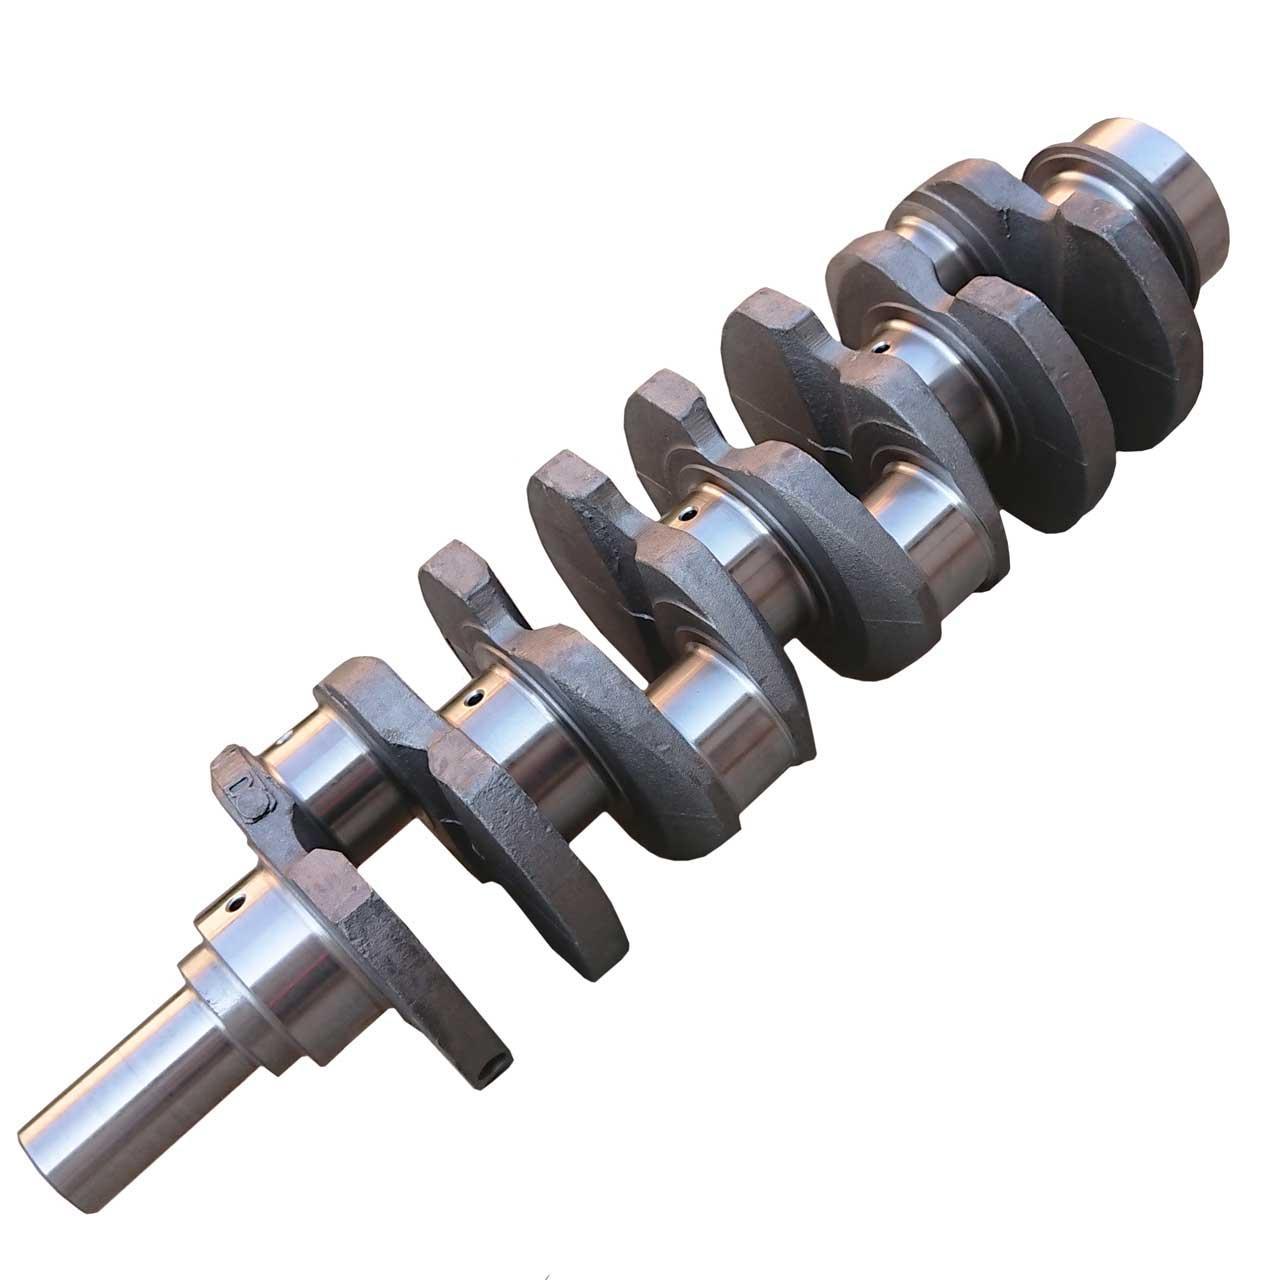 Коленвал автомобильного двигателя – его устройство и основные функции